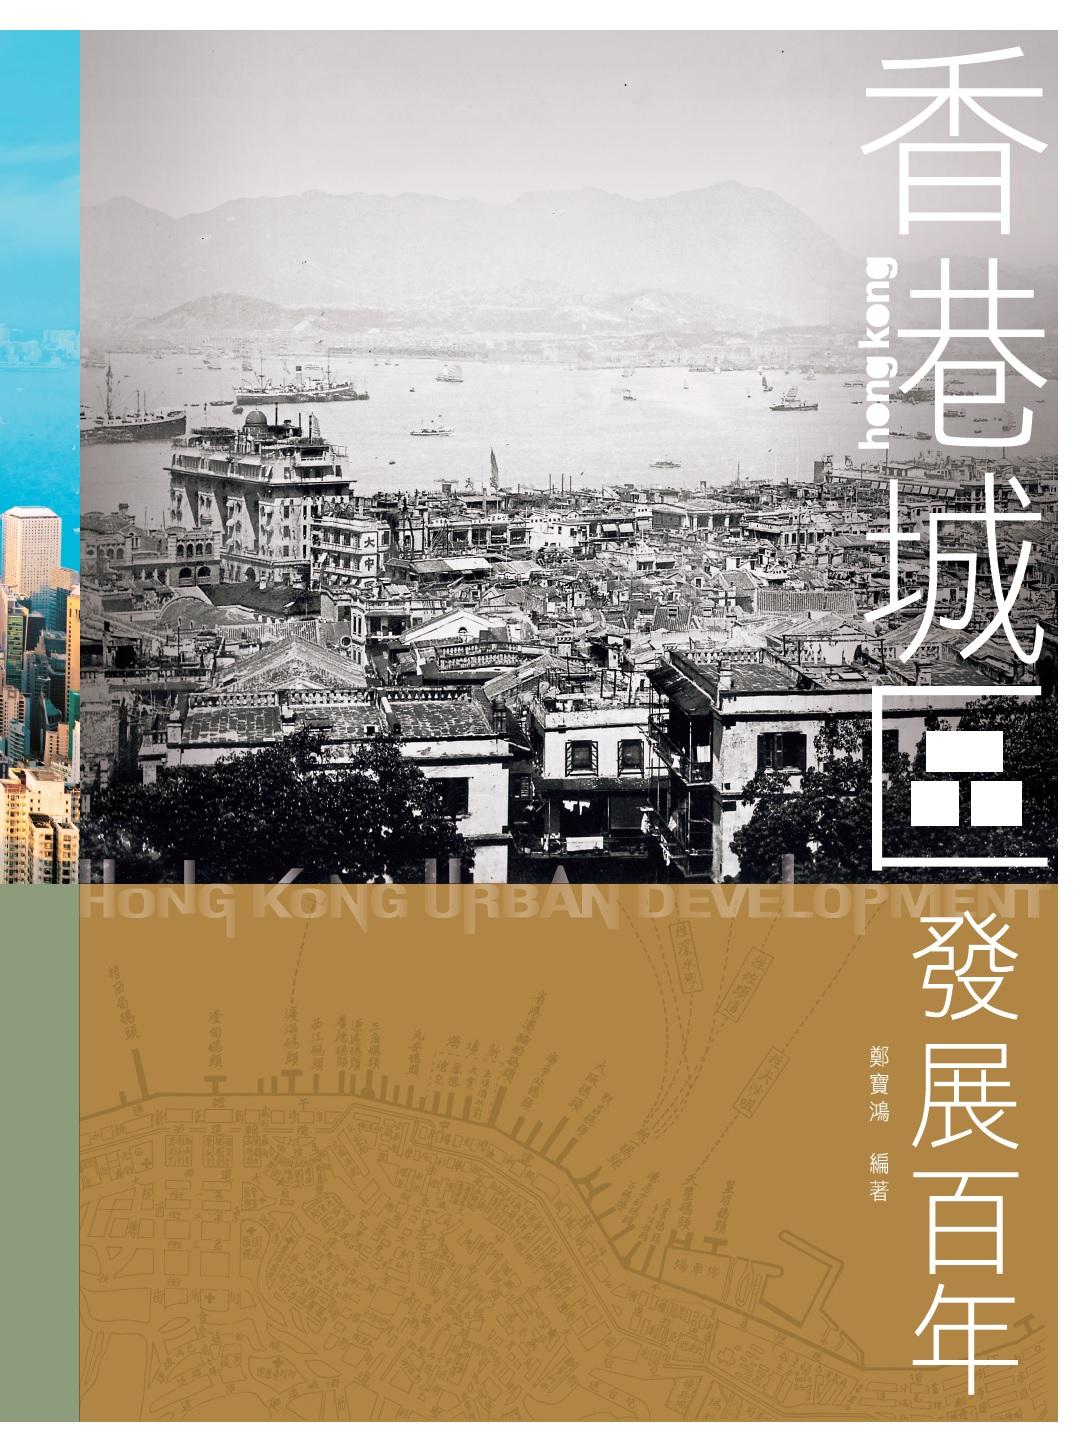 香港城區發展百年